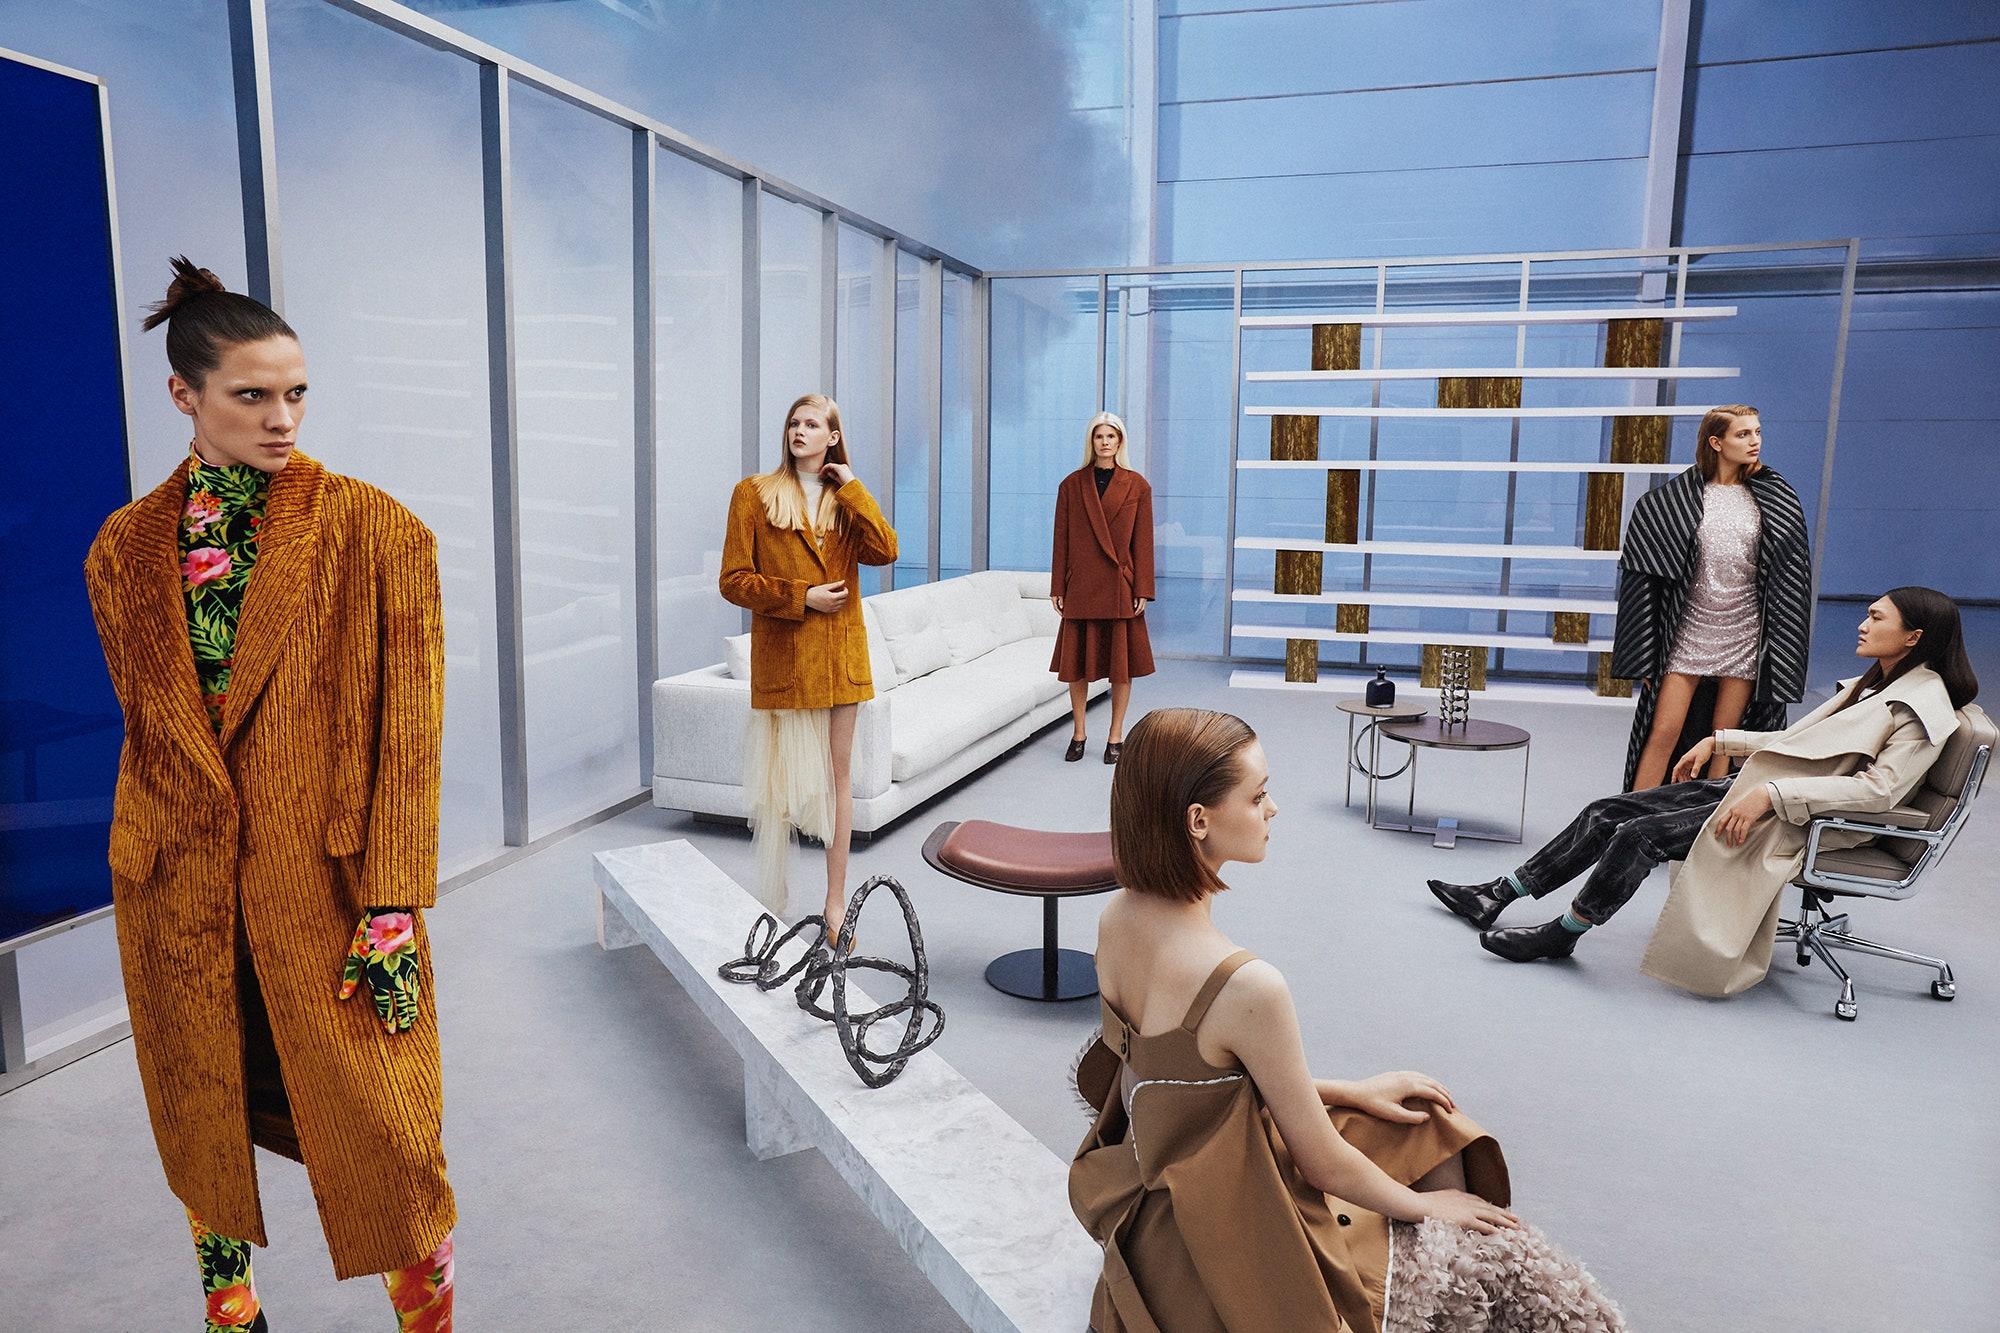 Футуристичный модный триллер в новой кампании «Цветного»: облегающие комбинезоны, ретросилуэты, фактурные ткани и широкоплечие пиджаки из 1980-х